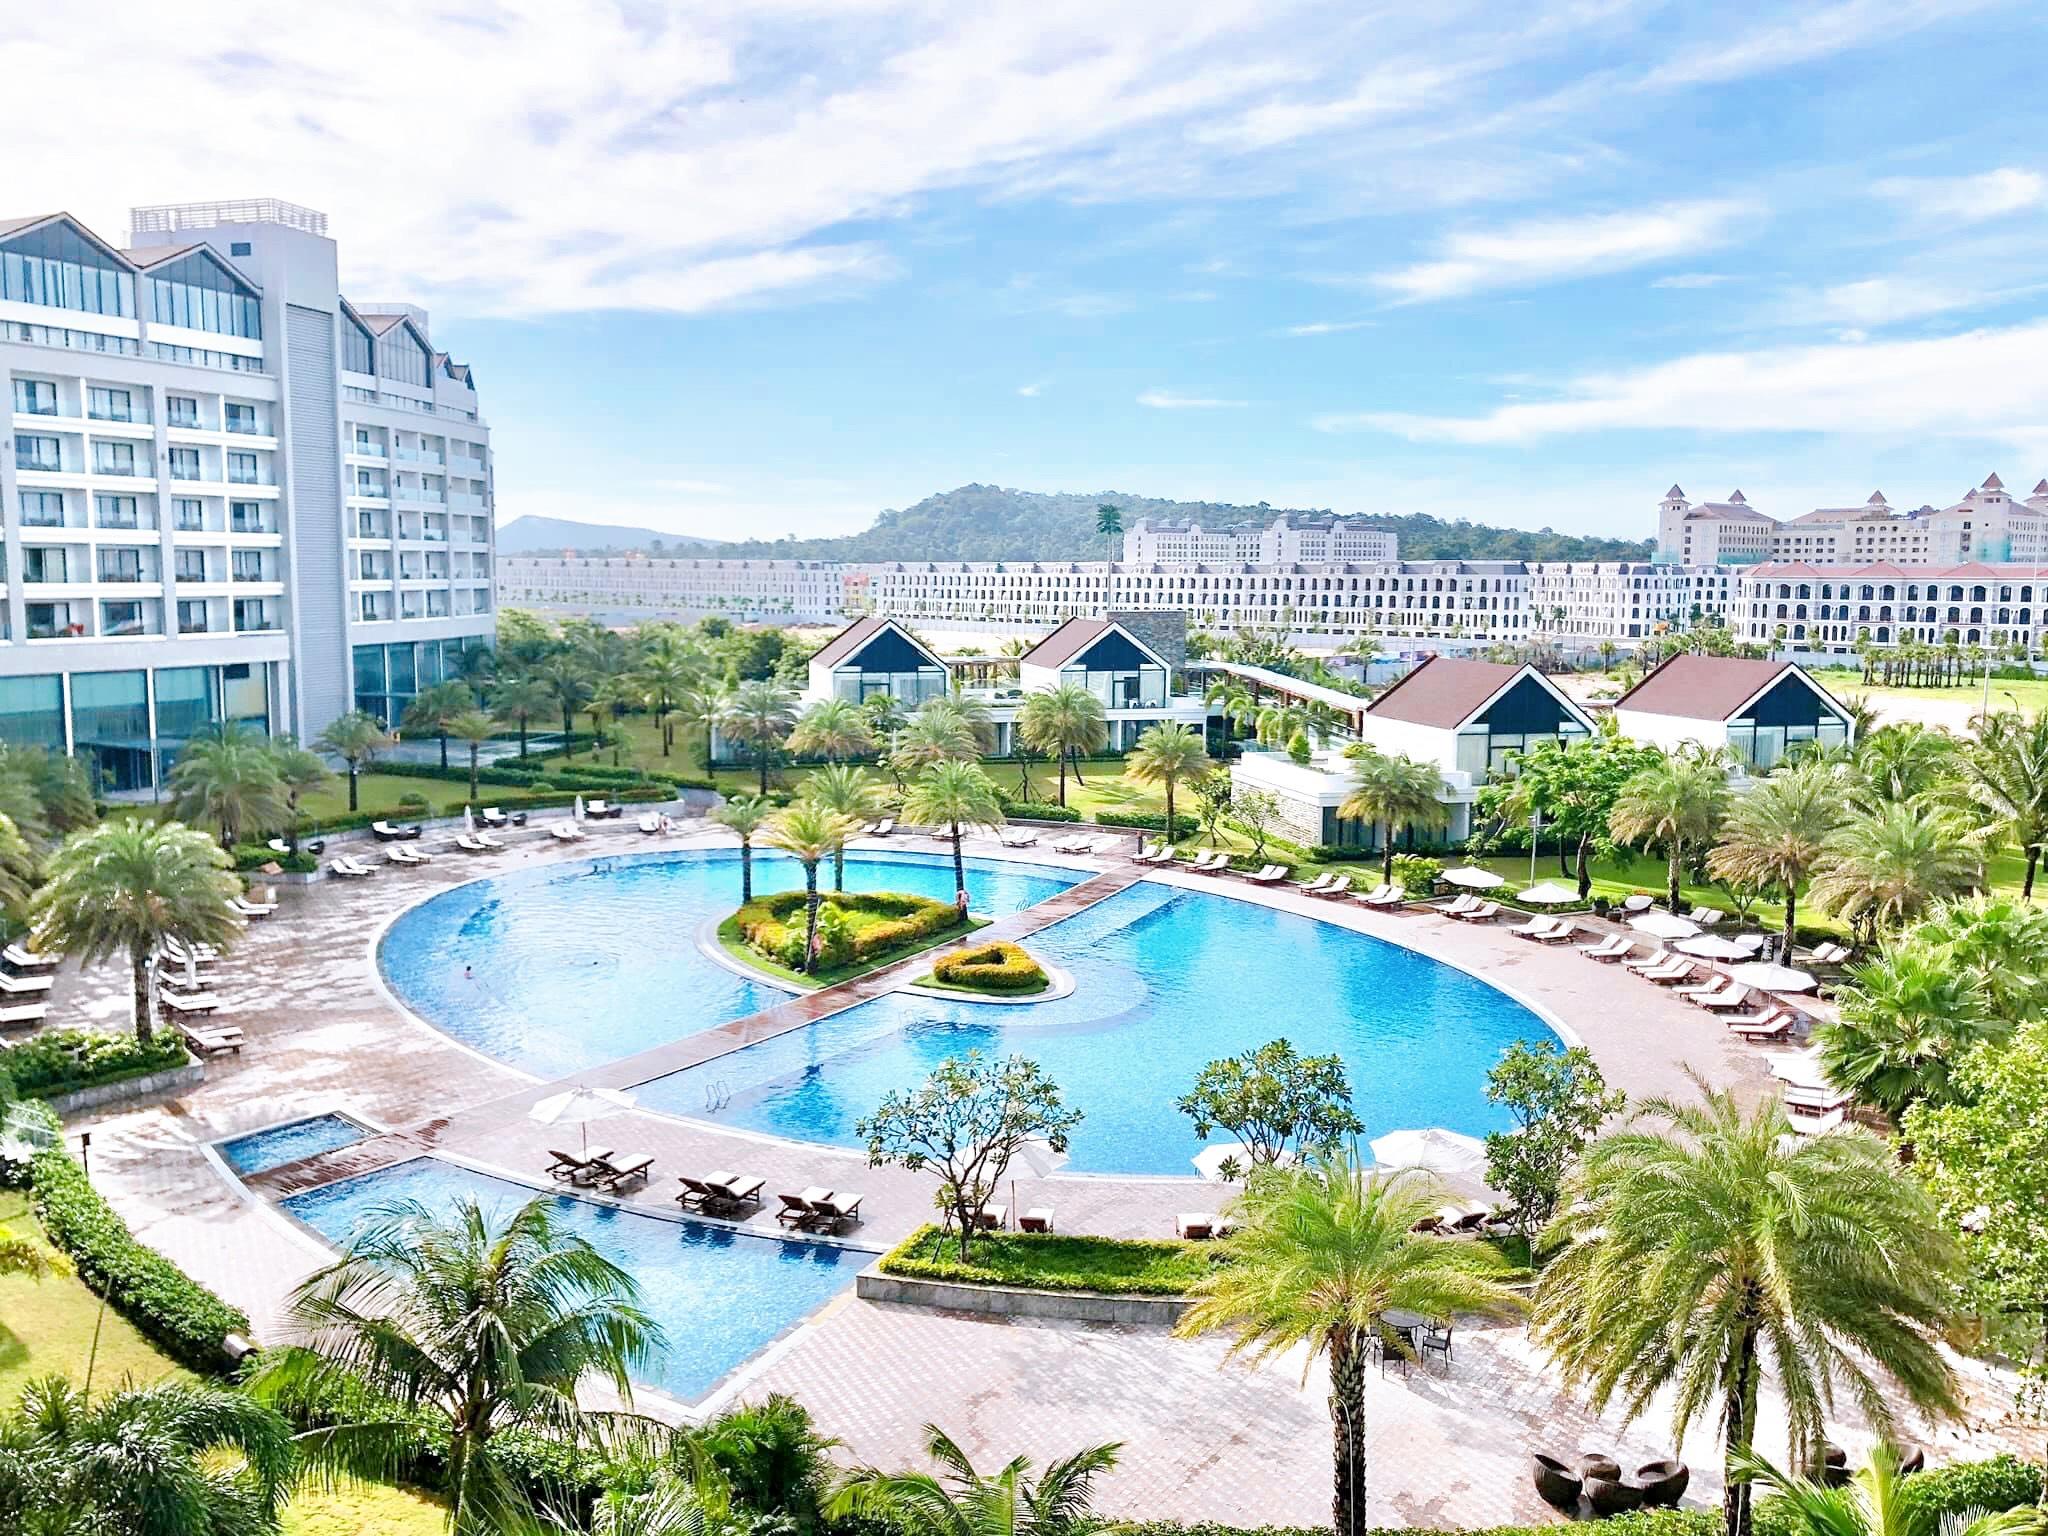 Corona resort